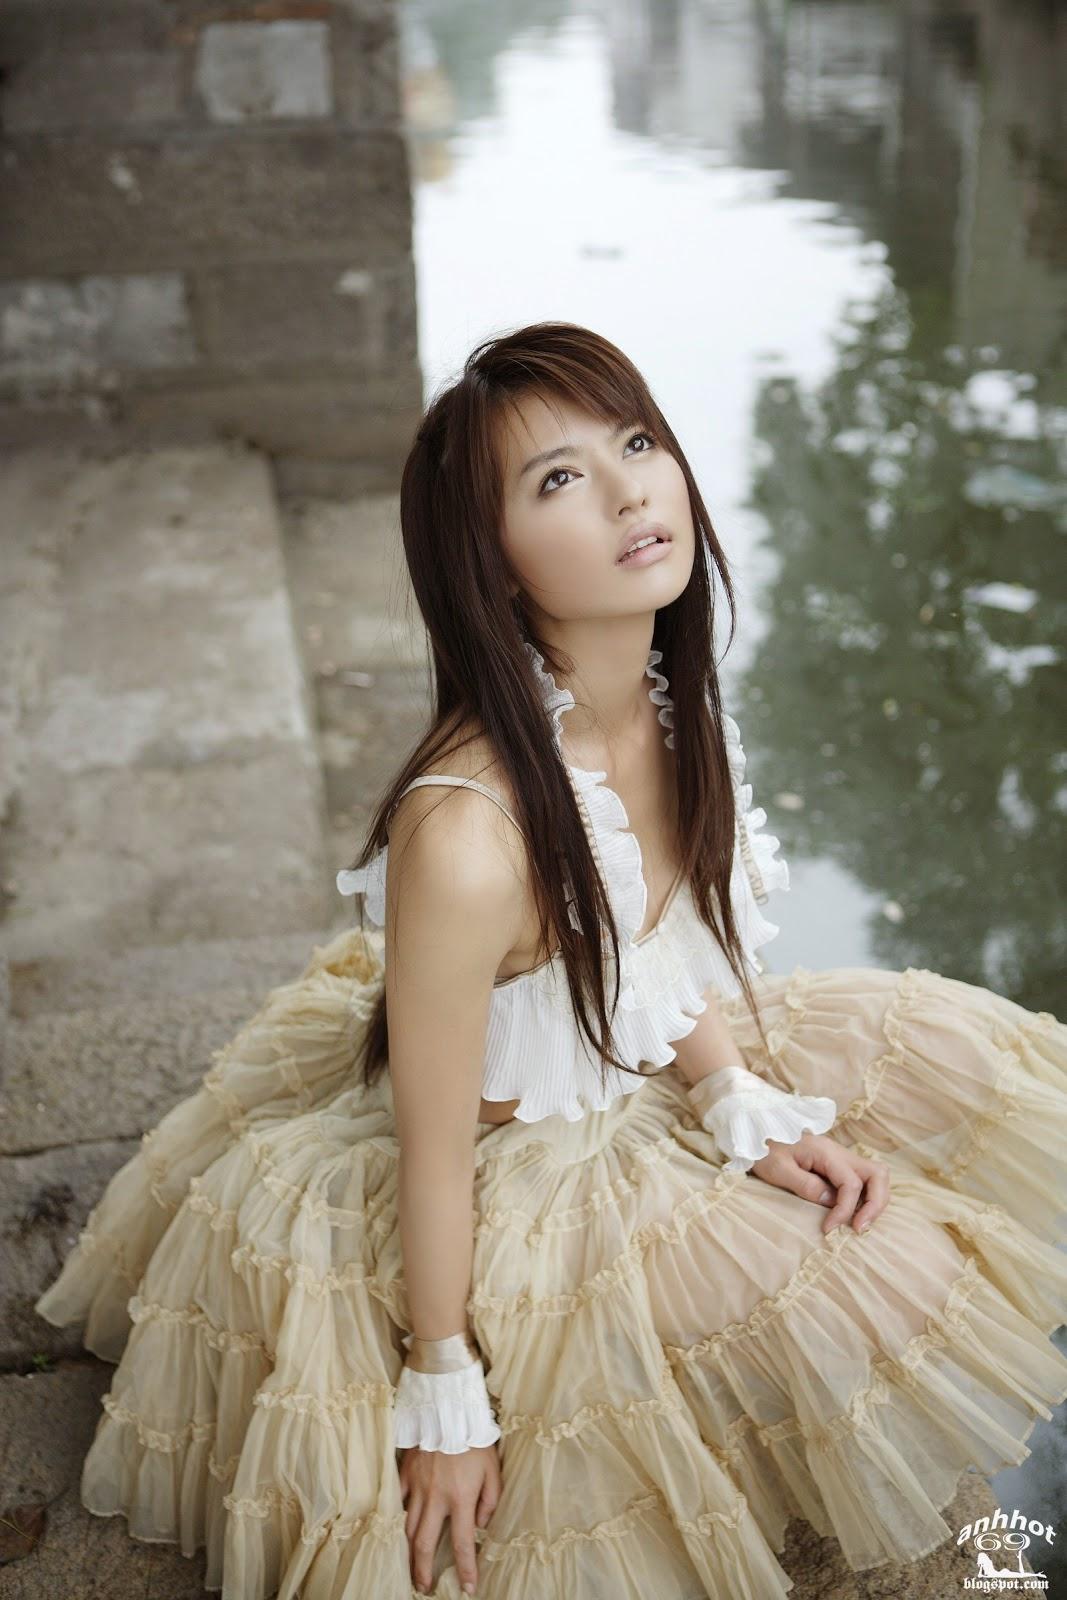 yuriko-shiratori-00499780